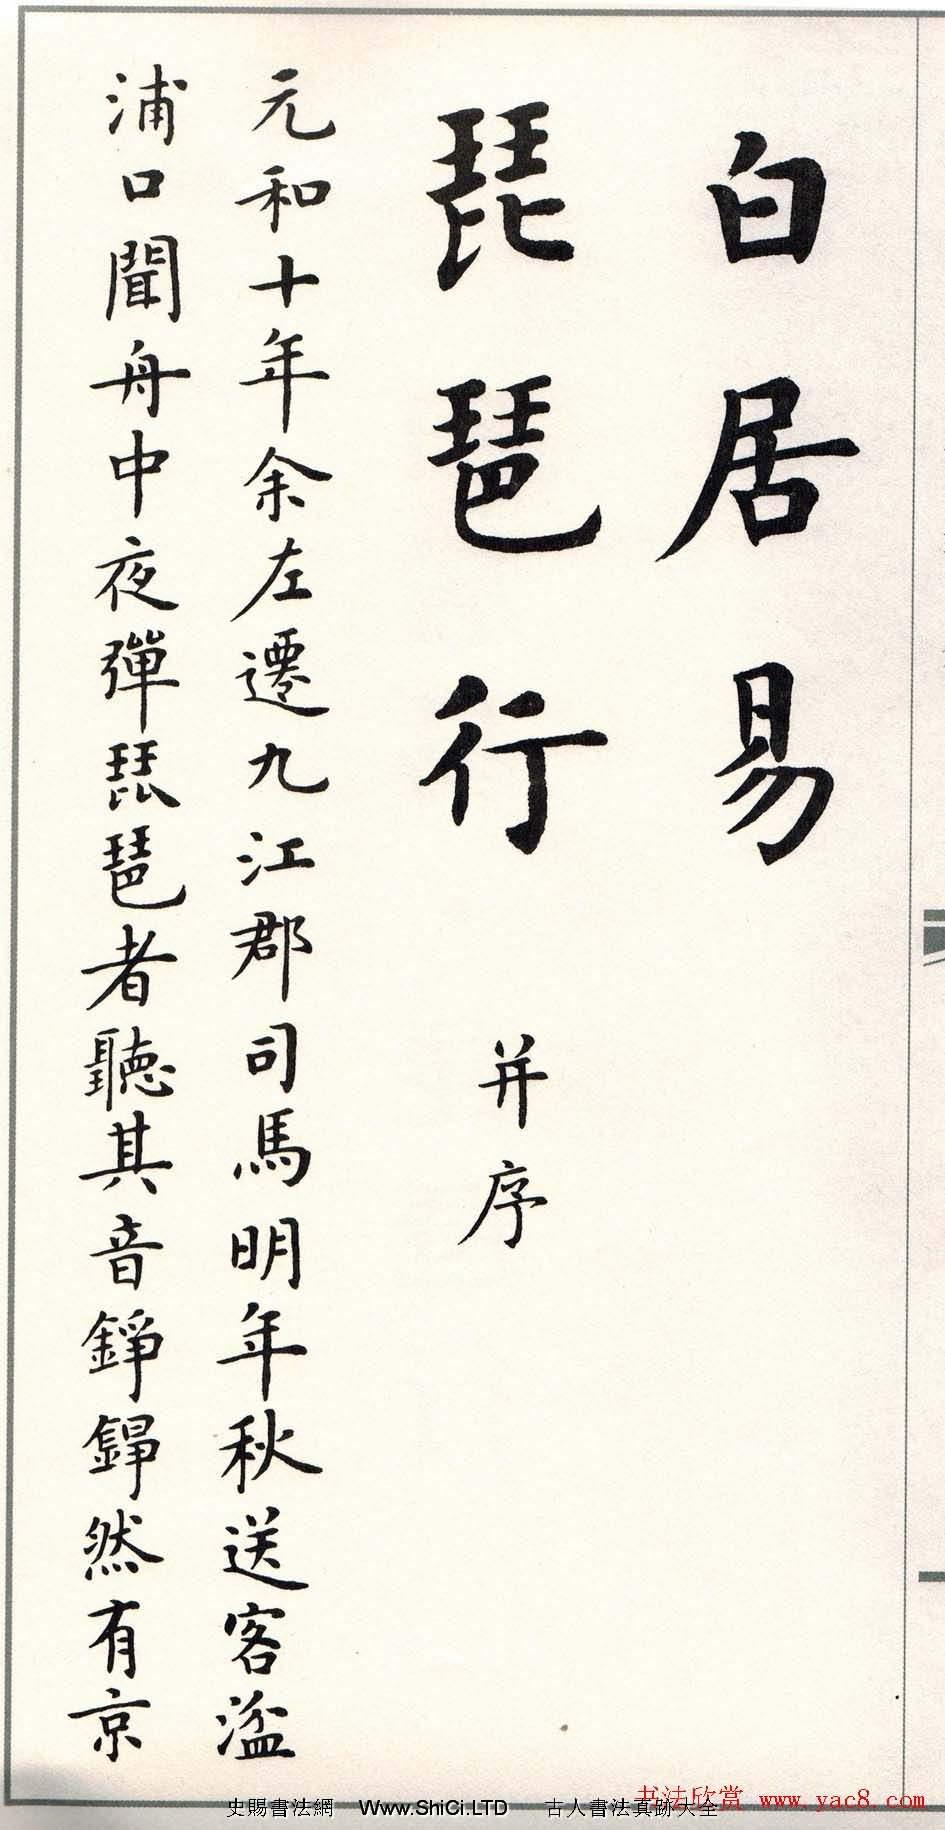 盧中南楷書字帖真跡欣賞《白居易琵琶行》(共33張圖片)